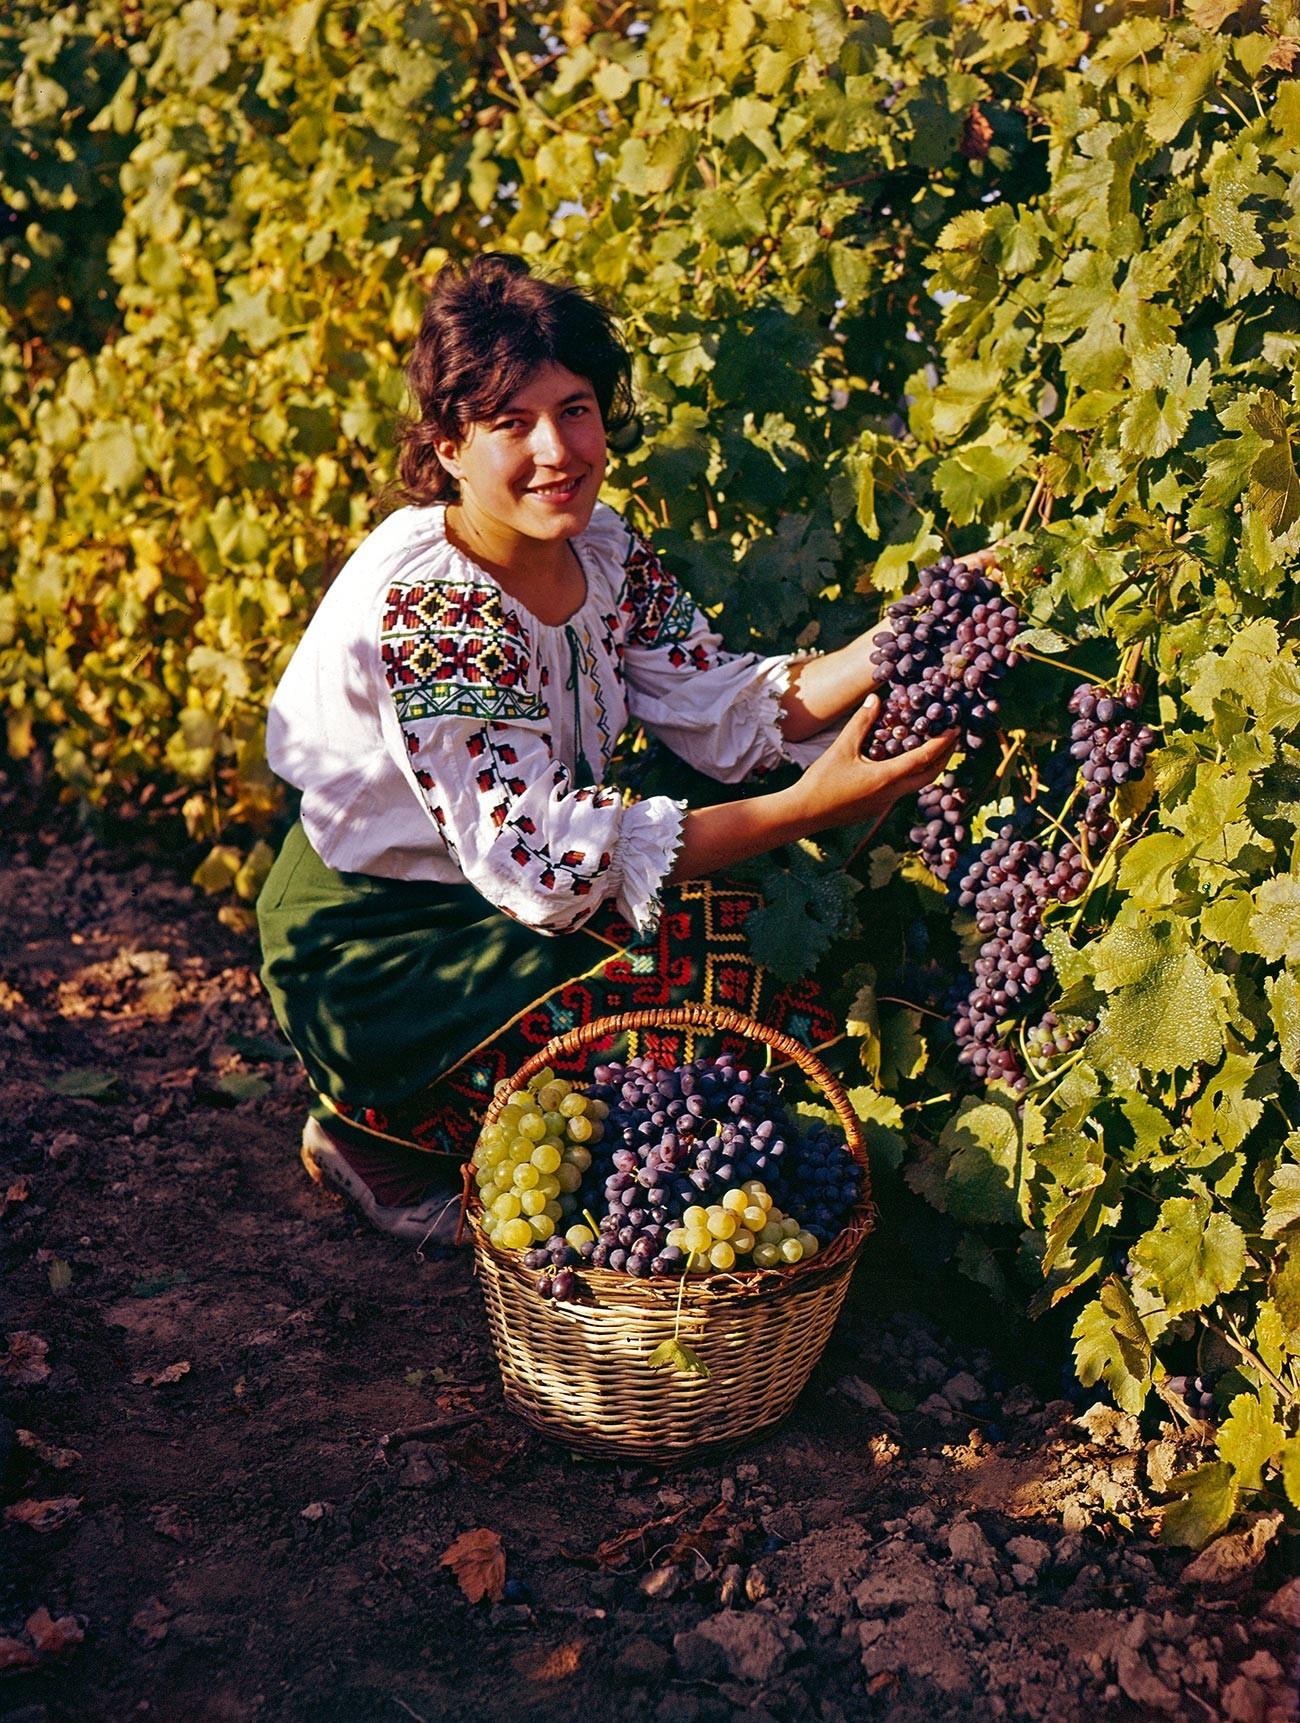 Colheita de uva na República Socialista Soviética da Moldávia, 1972